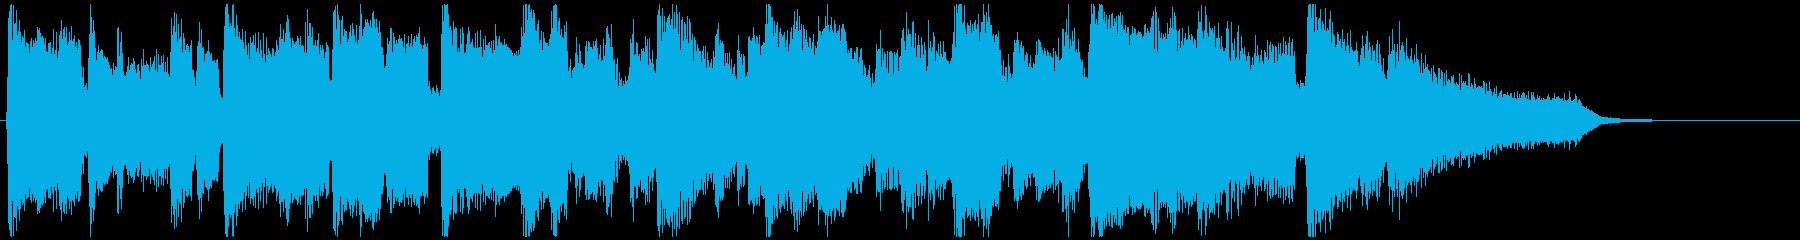 滑らかなクラリネット生演奏の15秒CM曲の再生済みの波形